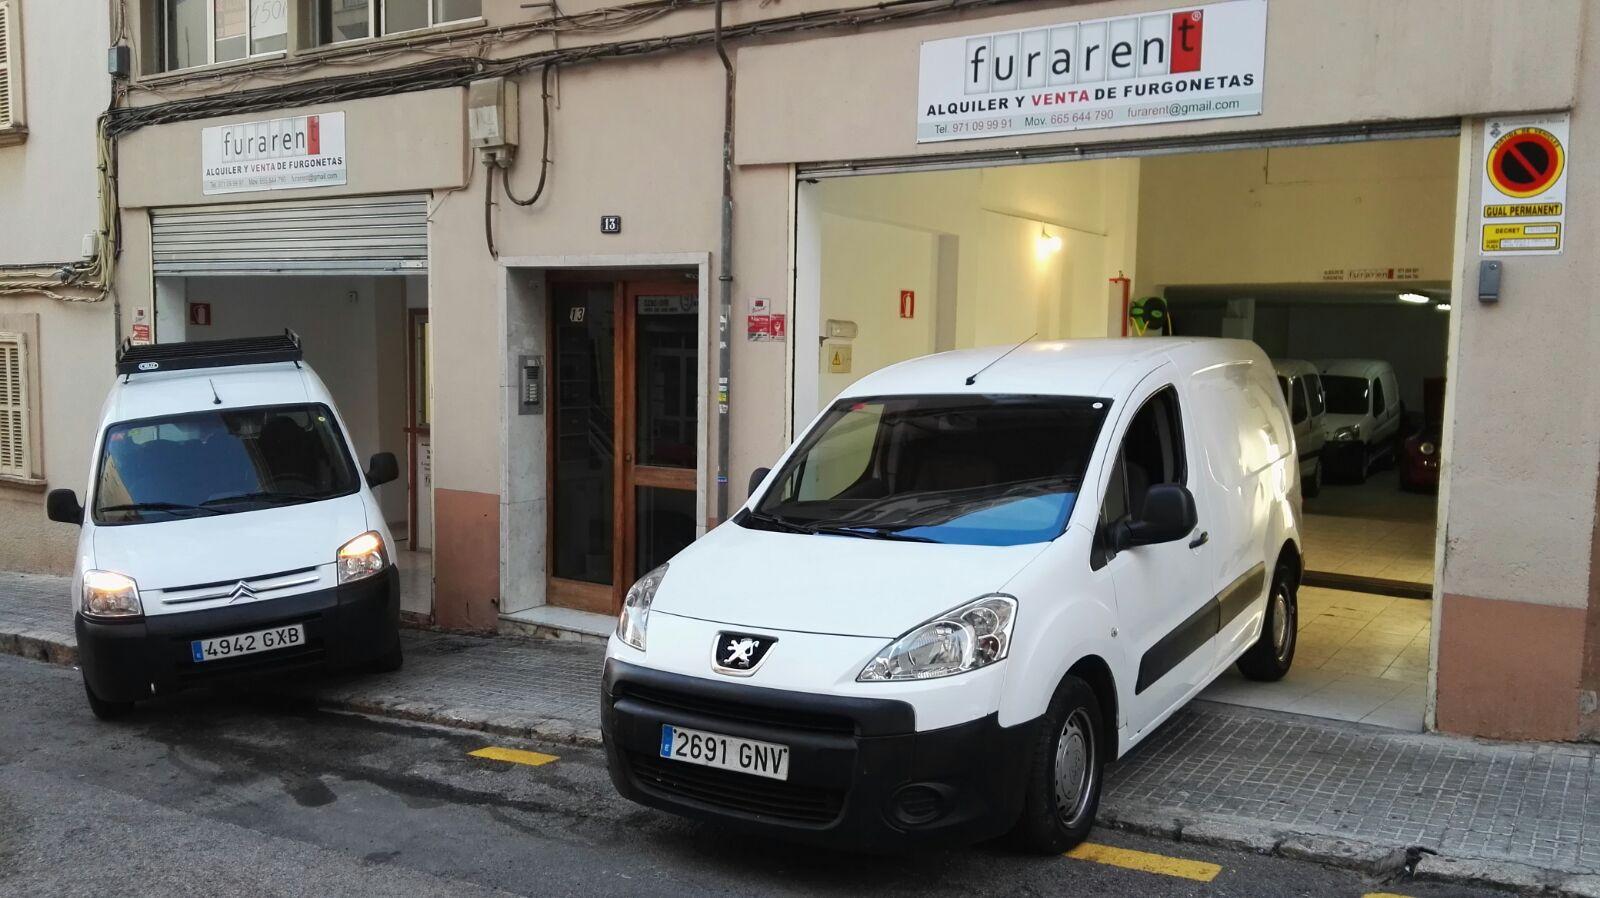 FURARENT, ALQUILER Y VENTA DE FURGONETAS EN MALLORCA